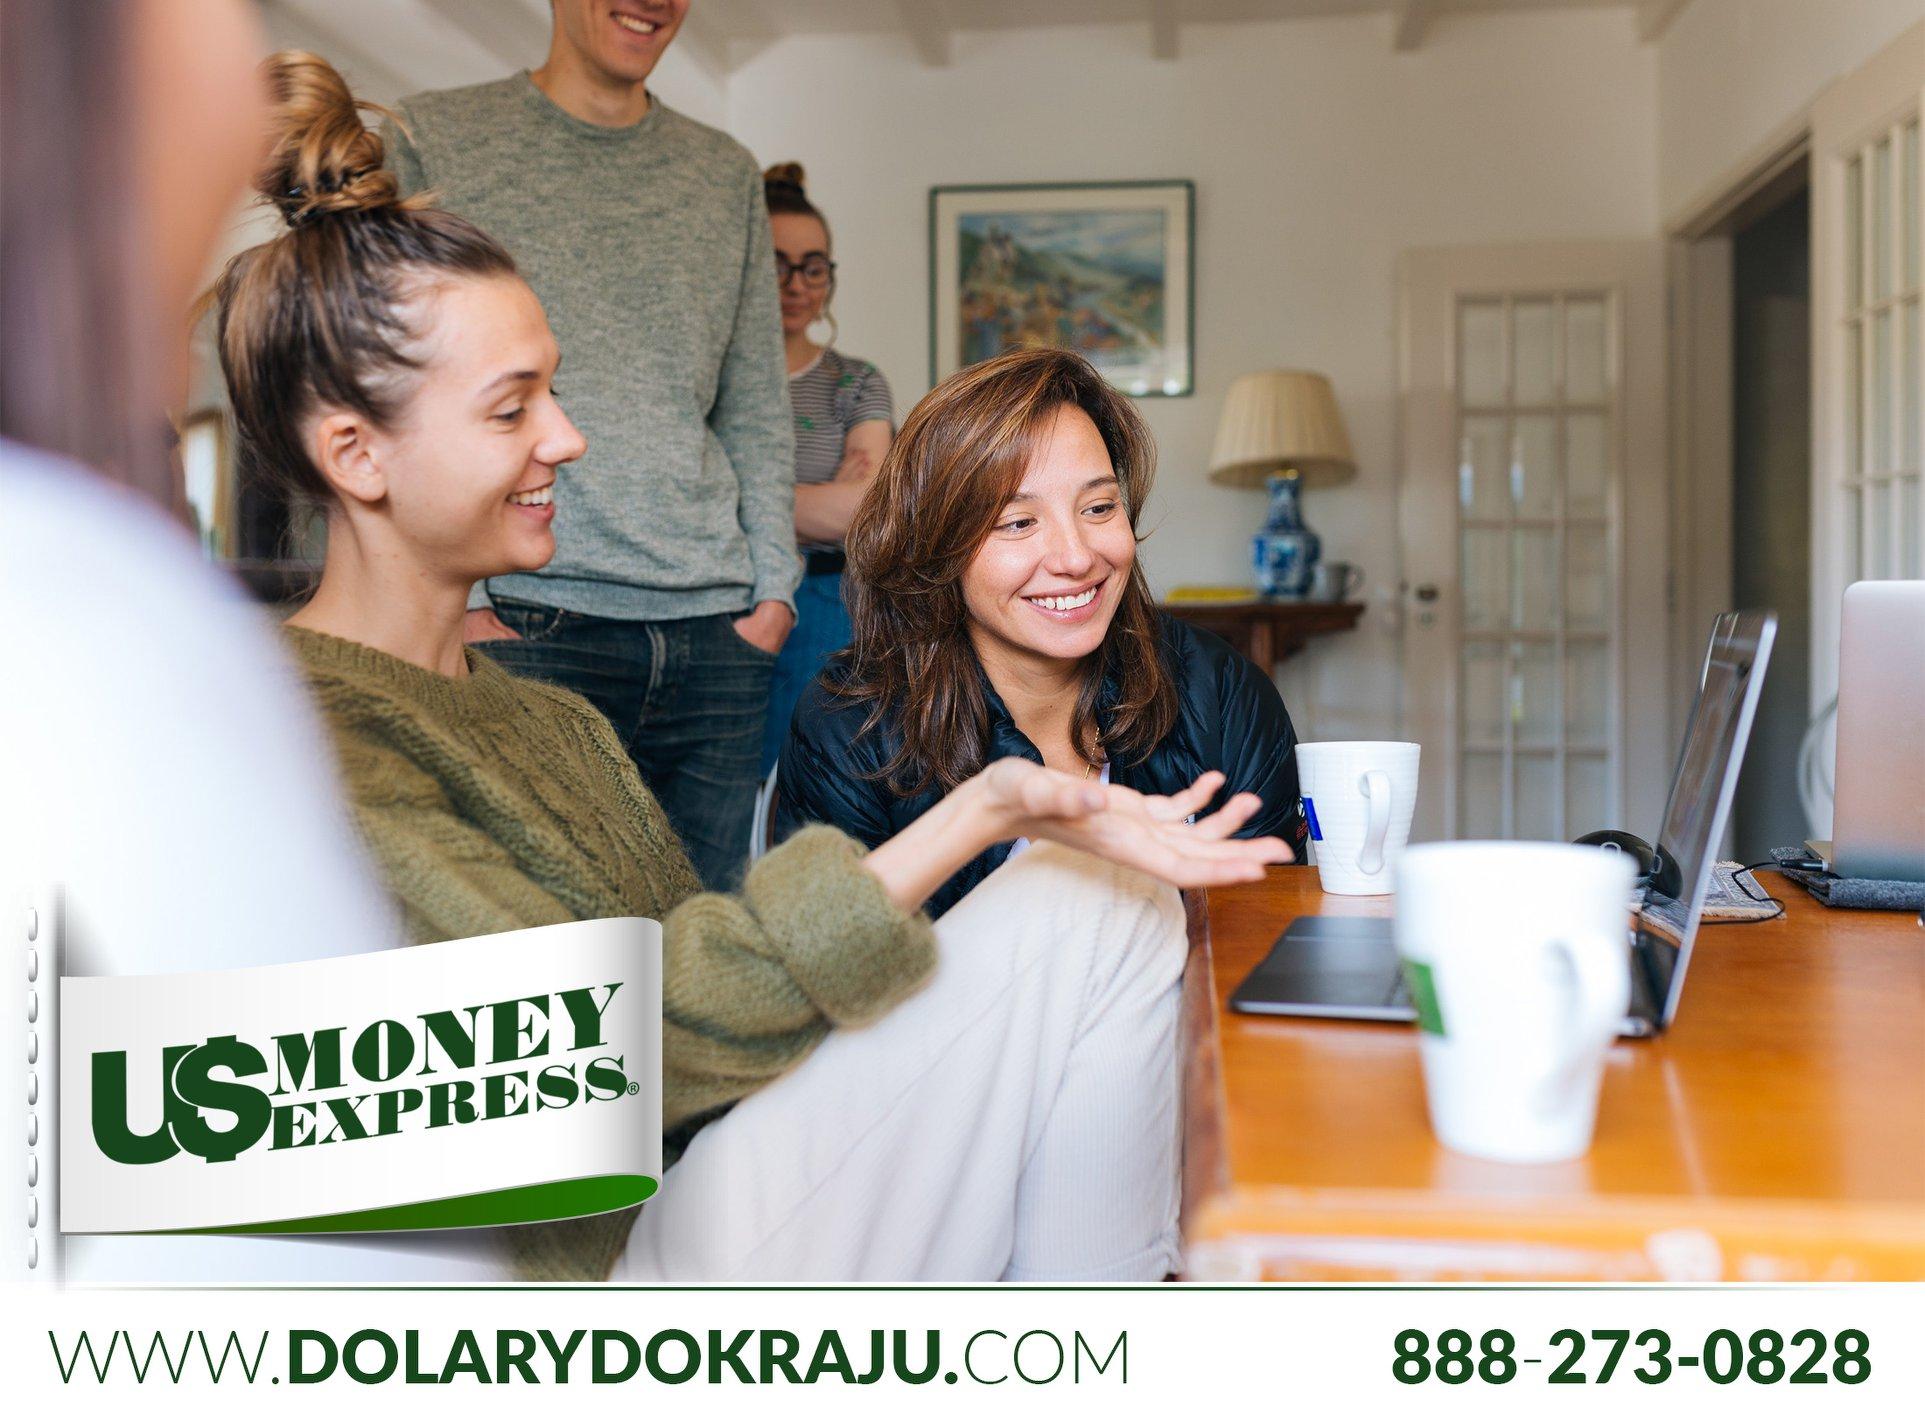 Wysyłka pieniędzy z USA do Polski bez wychodzenia z domu